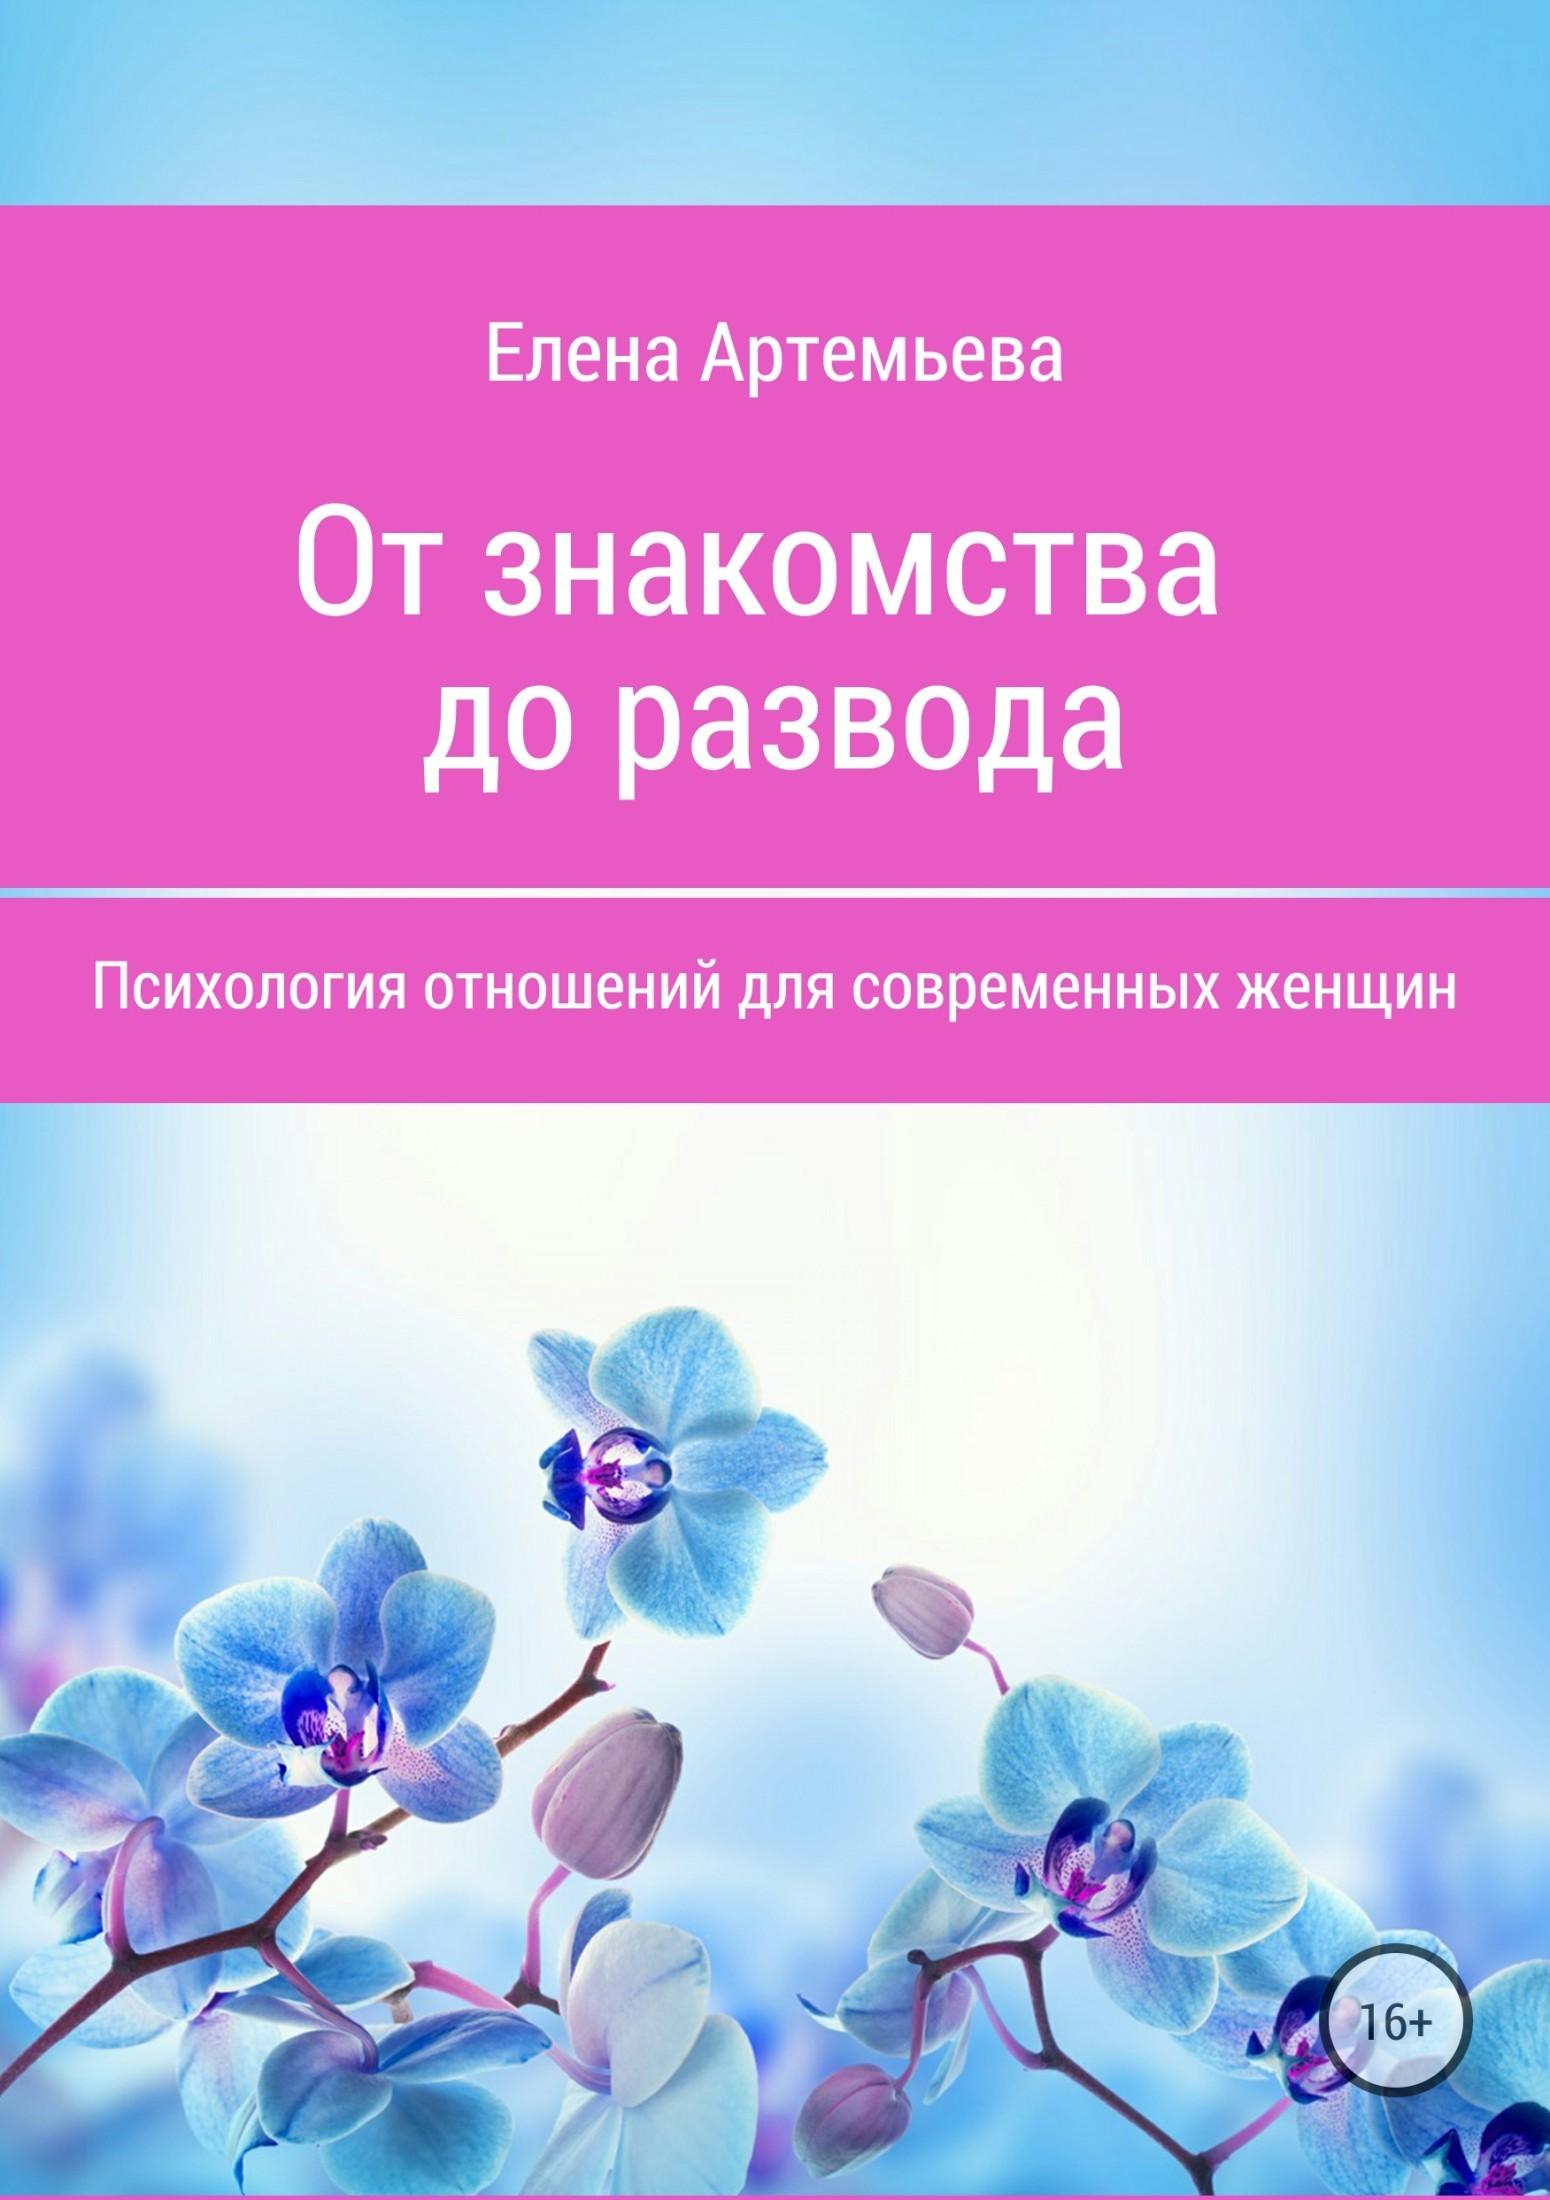 Елена Артемьева «От знакомства до развода. Психология отношений для современных женщин»